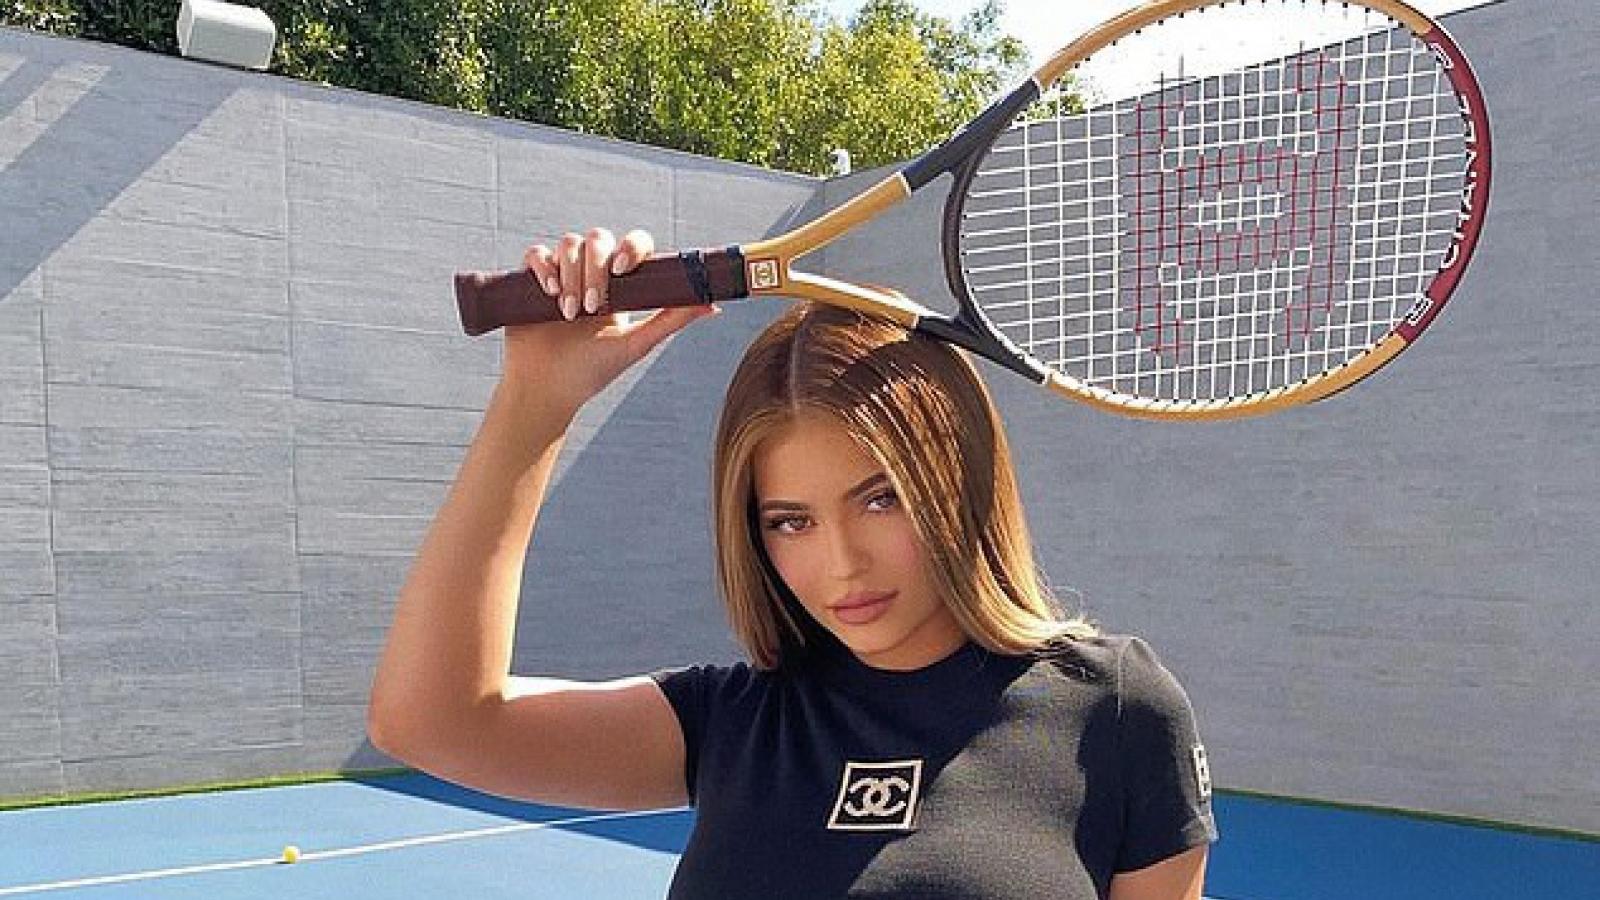 Kylie Jenner phô đường cong nóng bỏng khi đánh tennis trong biệt thự mới